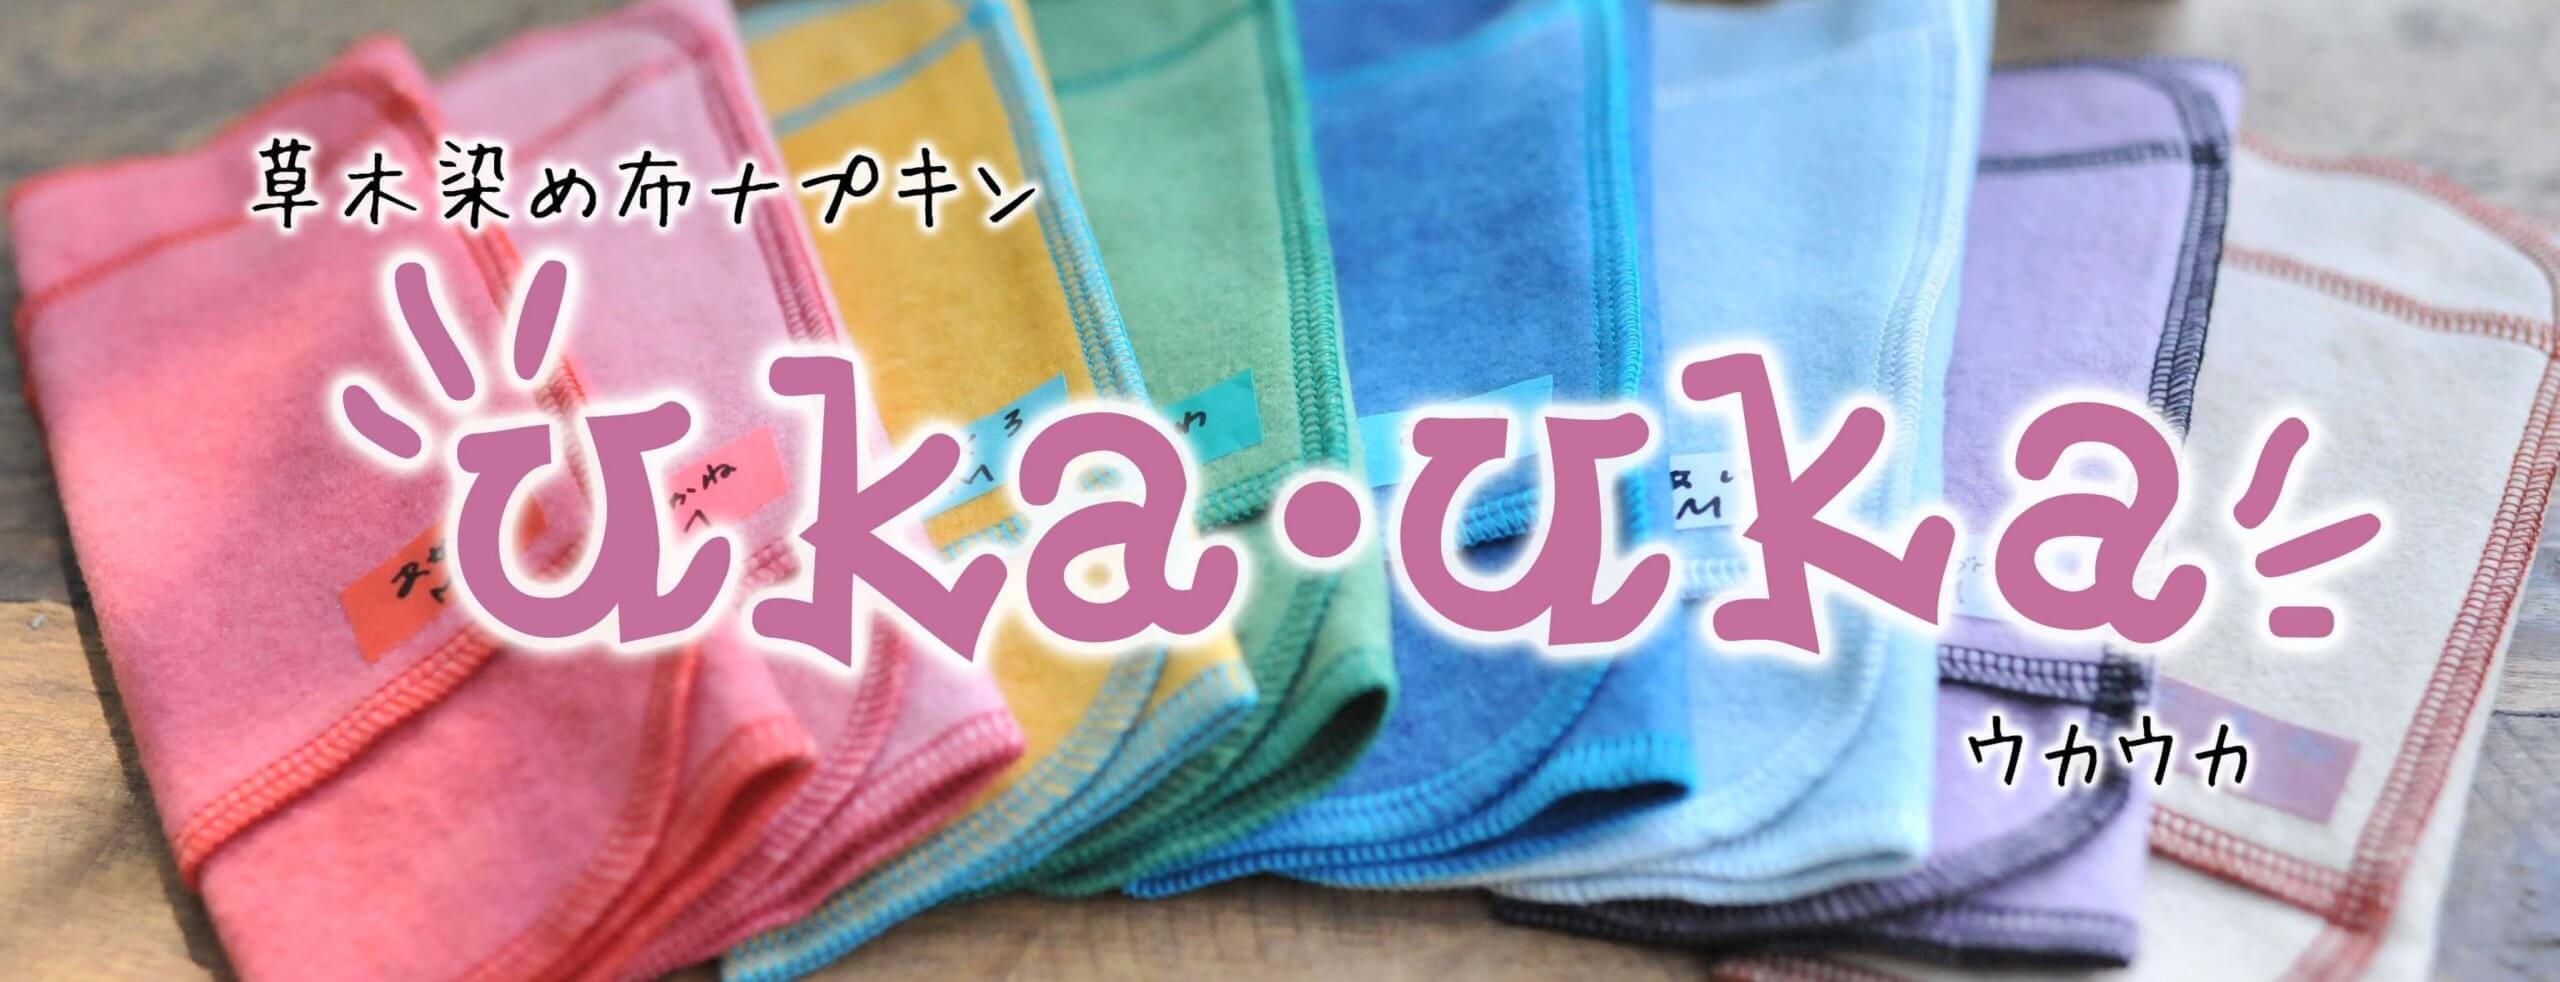 草木染め布ナプキンuka・ukaブログ